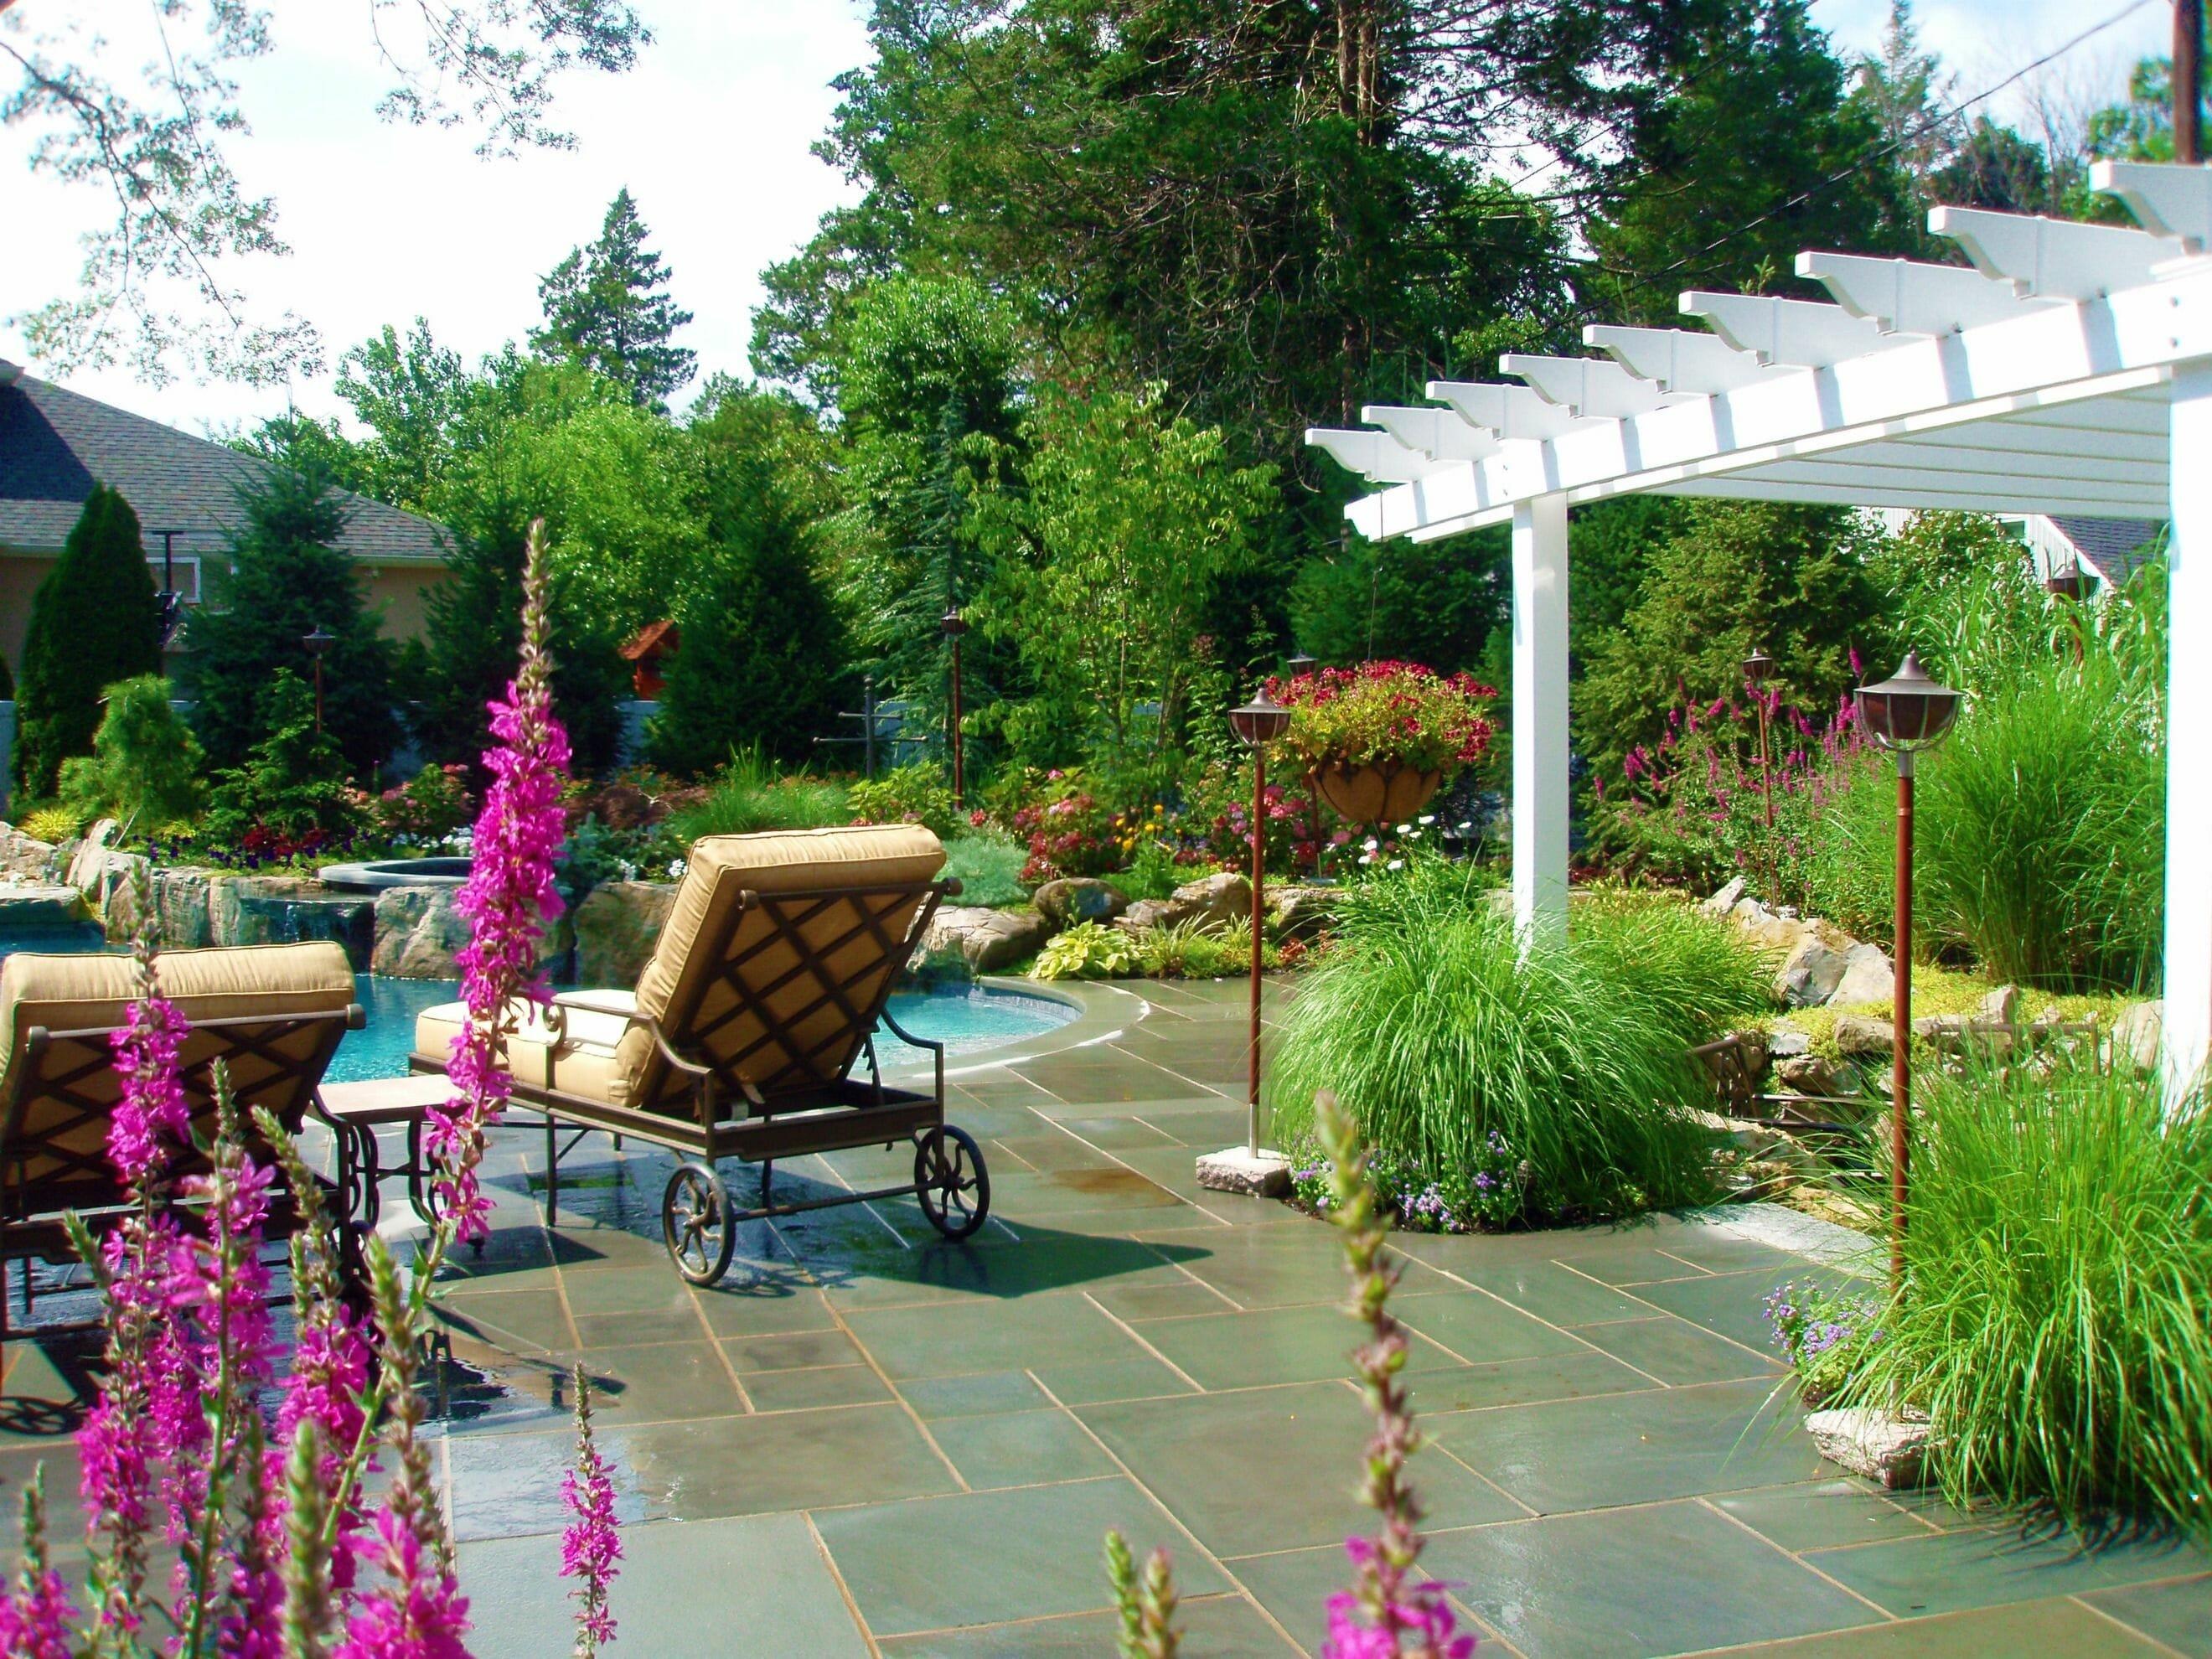 Landscape Design Online: 8 Hot Tips and Tricks  Decorilla Online